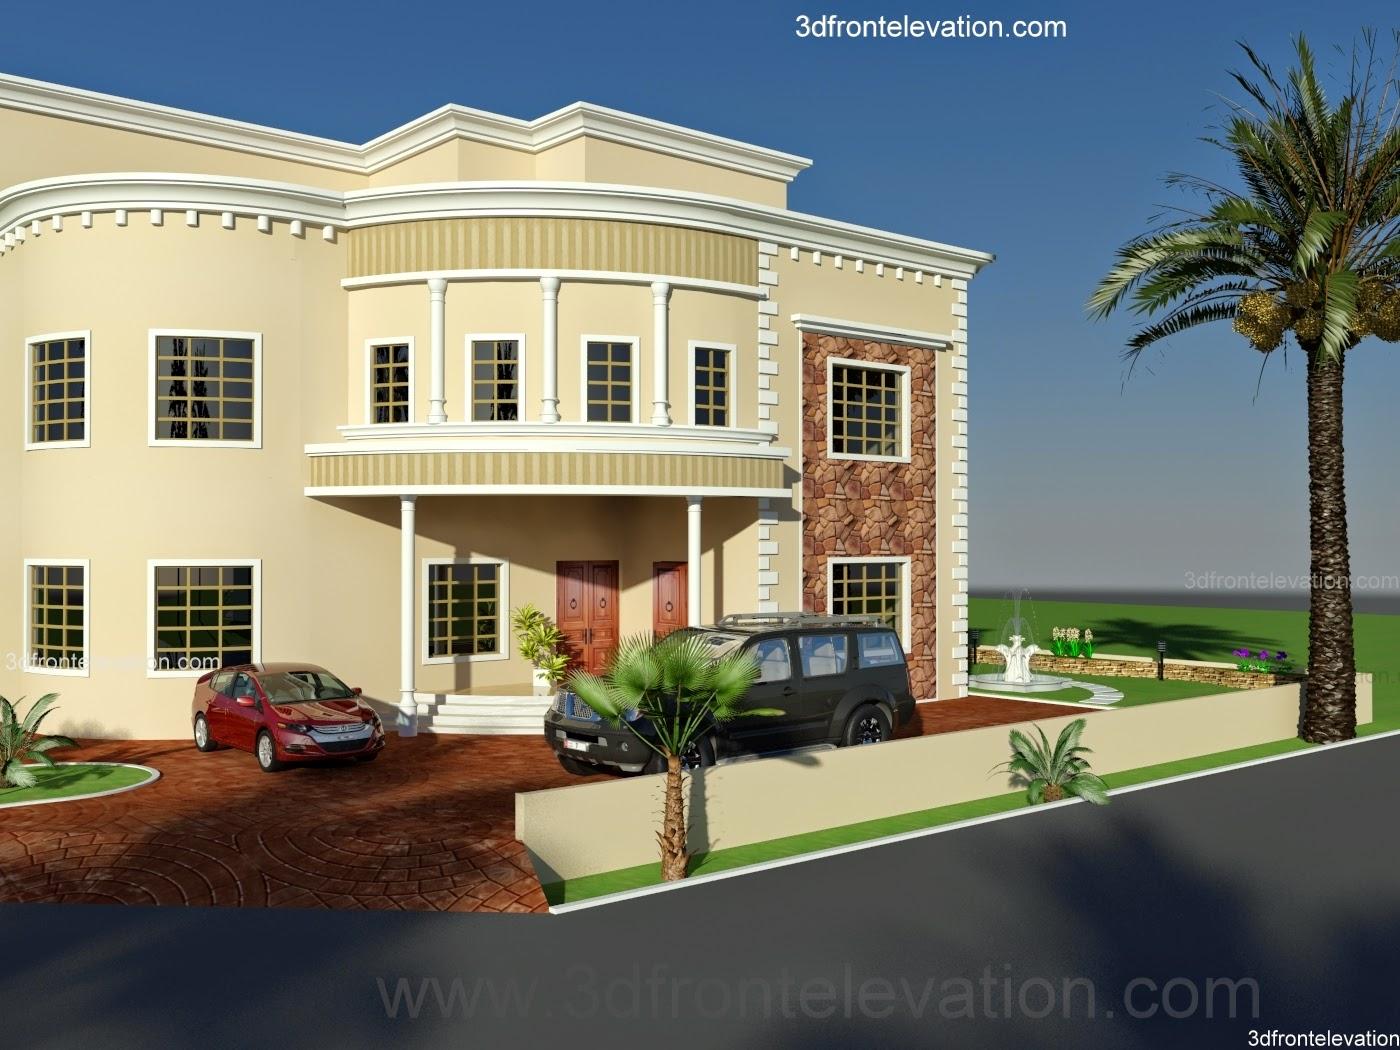 3D Front Elevationcom Dubai Arabian HOuse 3D Front Elevation Design